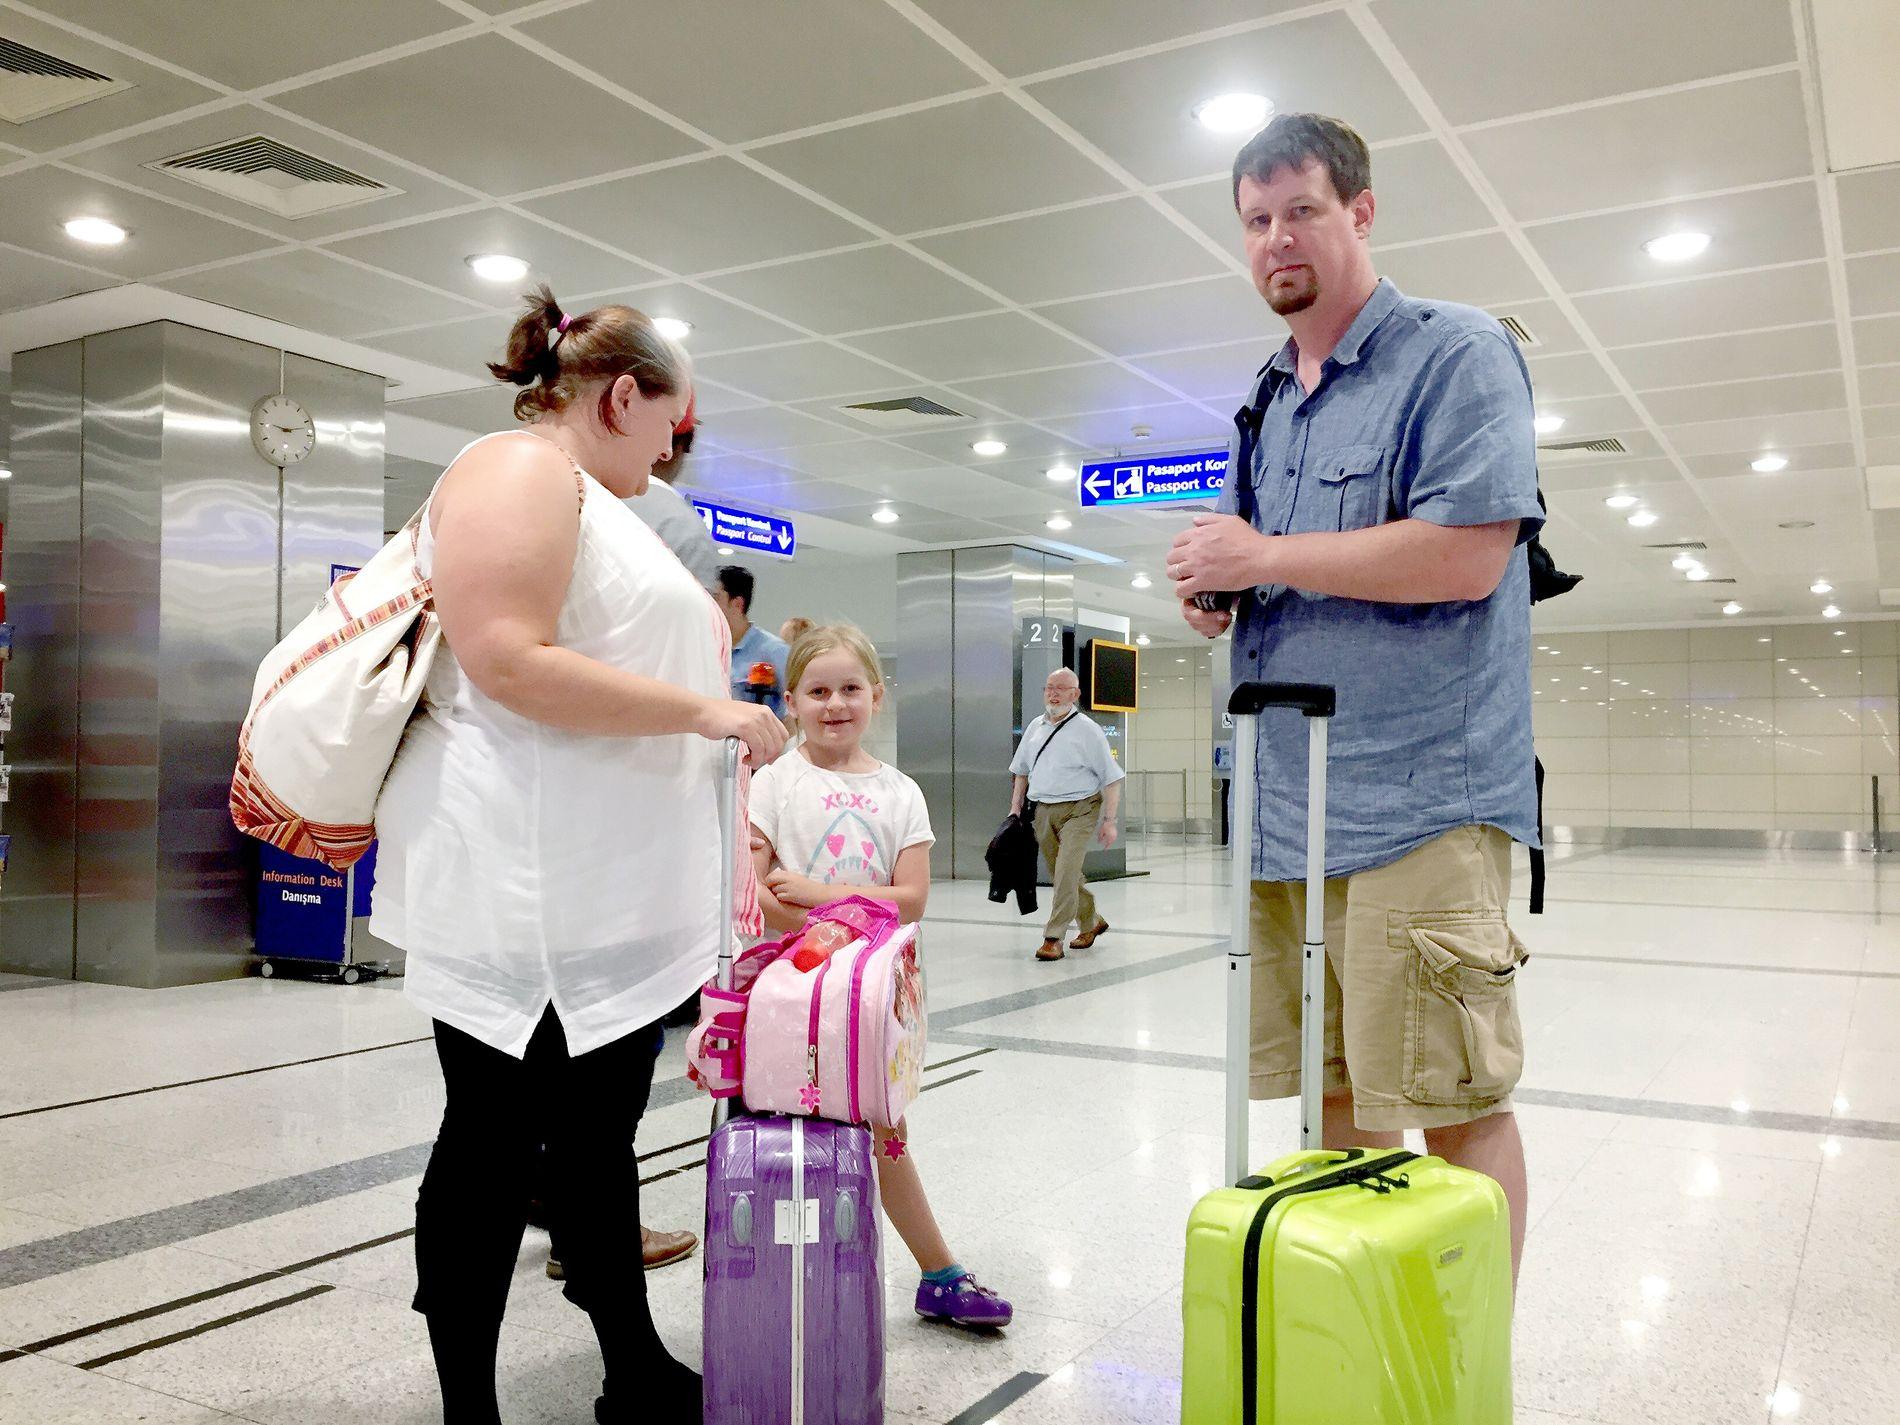 VILLE UNNGÅ TYRKIA: Amerikanske Brock og Lisa Haylock (begge 43), og datteren Bethany (7) har flydd inn fra Athen.